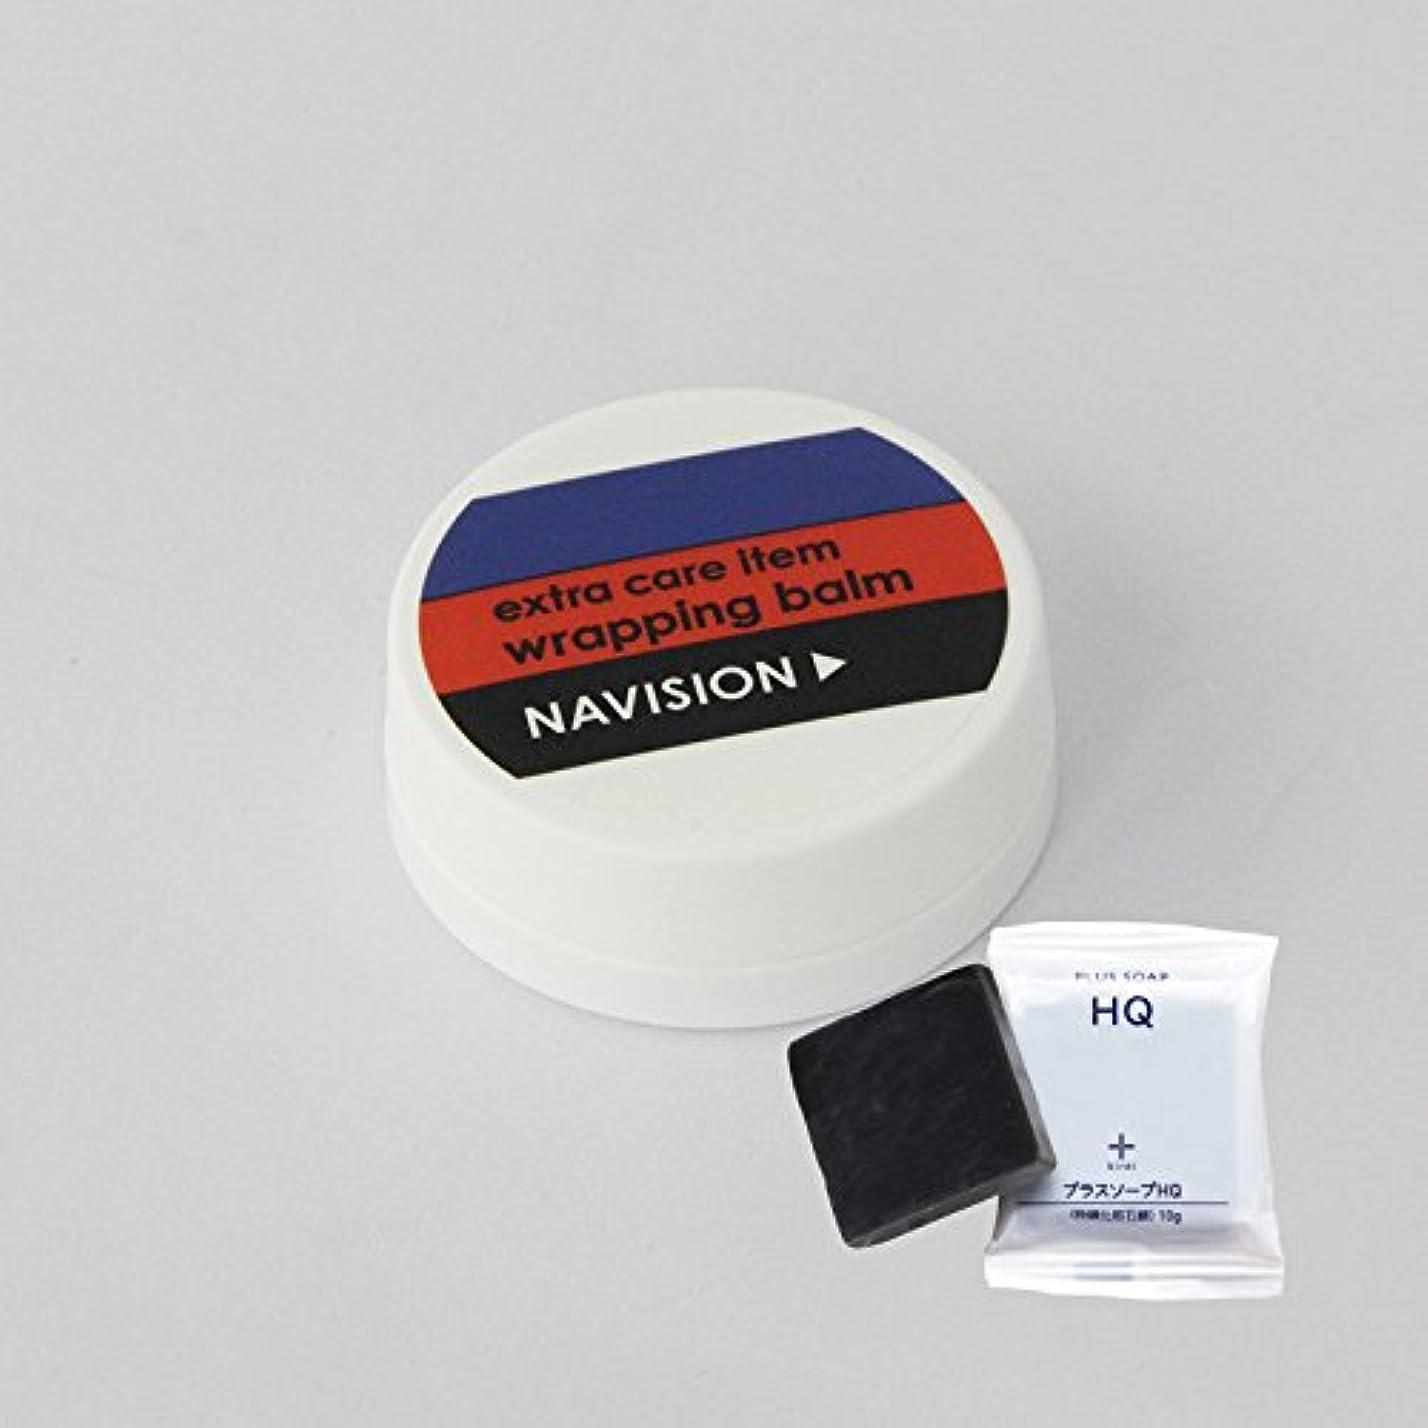 同様にハグ仮定するナビジョン NAVISION ラッピングバーム 5g + プラスキレイ プラスソープHQミニ